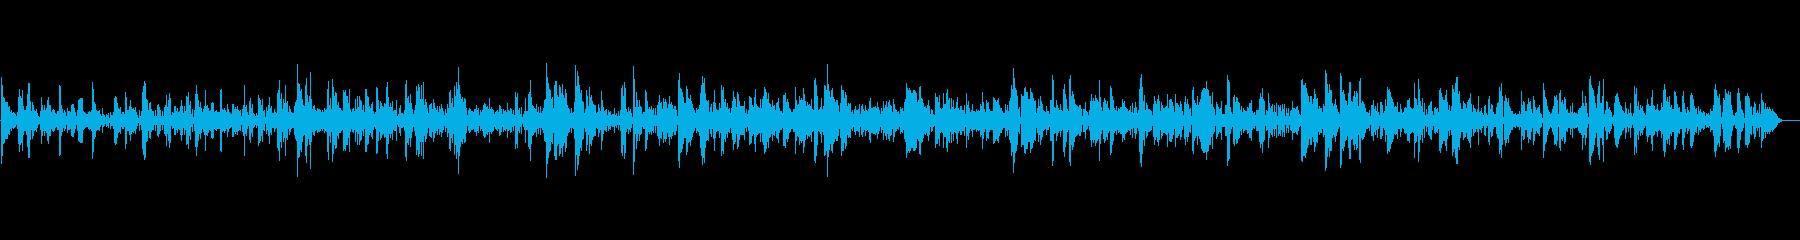 アダルトで哀愁感のある夜ジャズBGMの再生済みの波形